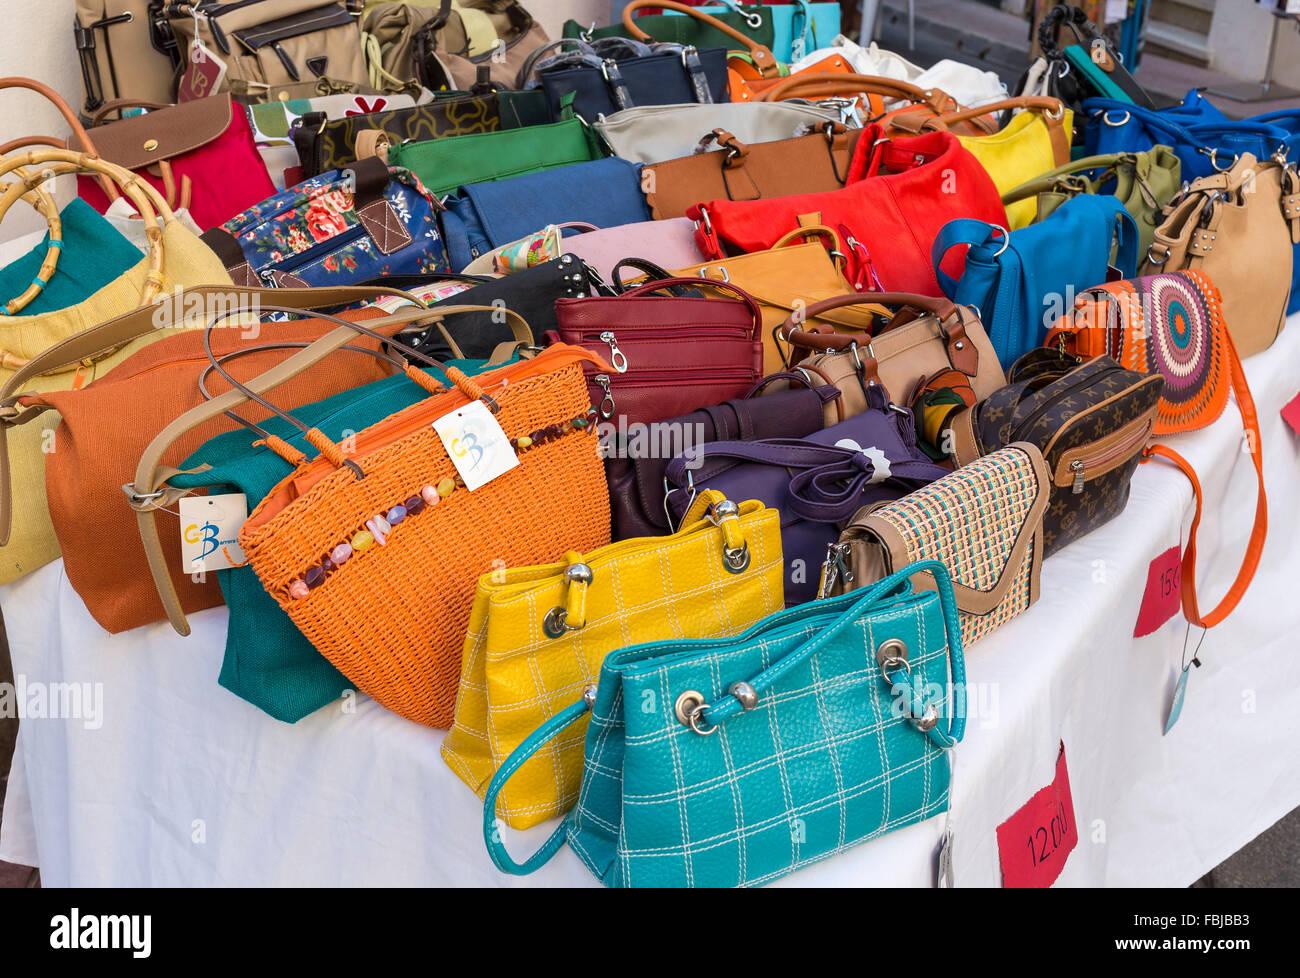 Vente de sacs à main en cuir, Alaior, Minorque, île des Baléares, 53ace326bb6